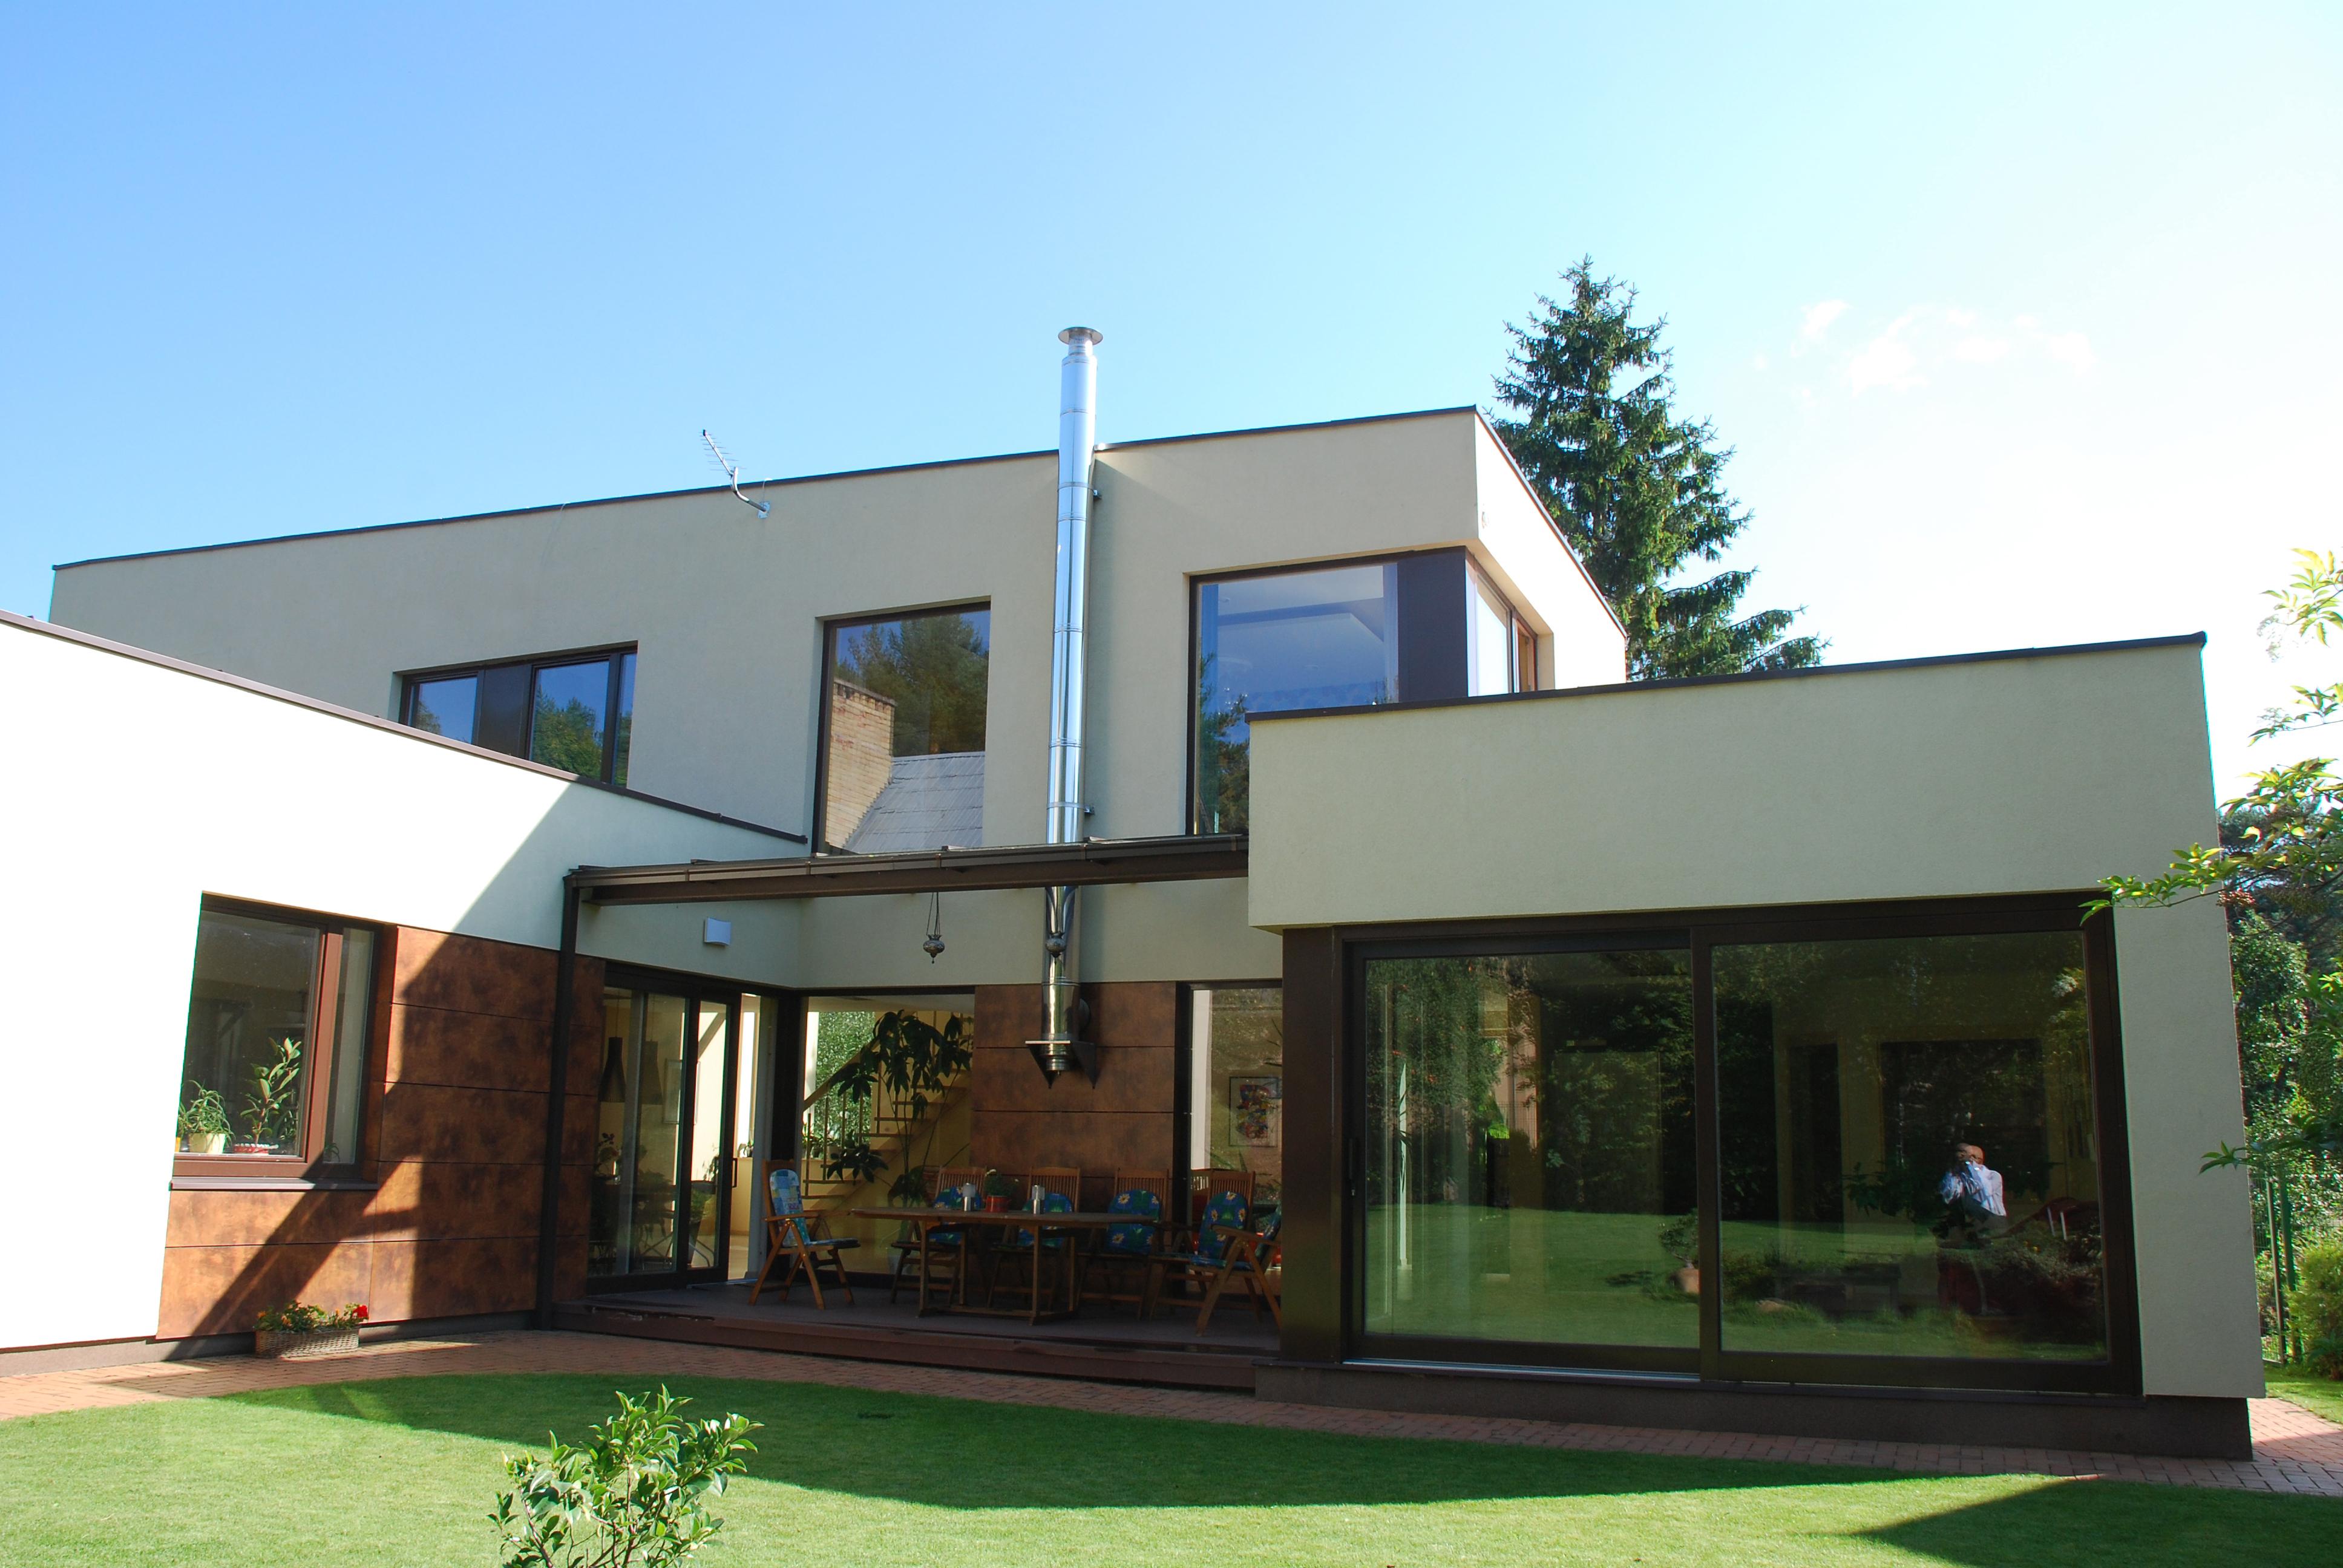 Privatus gyvenamasi namas Vilniuje